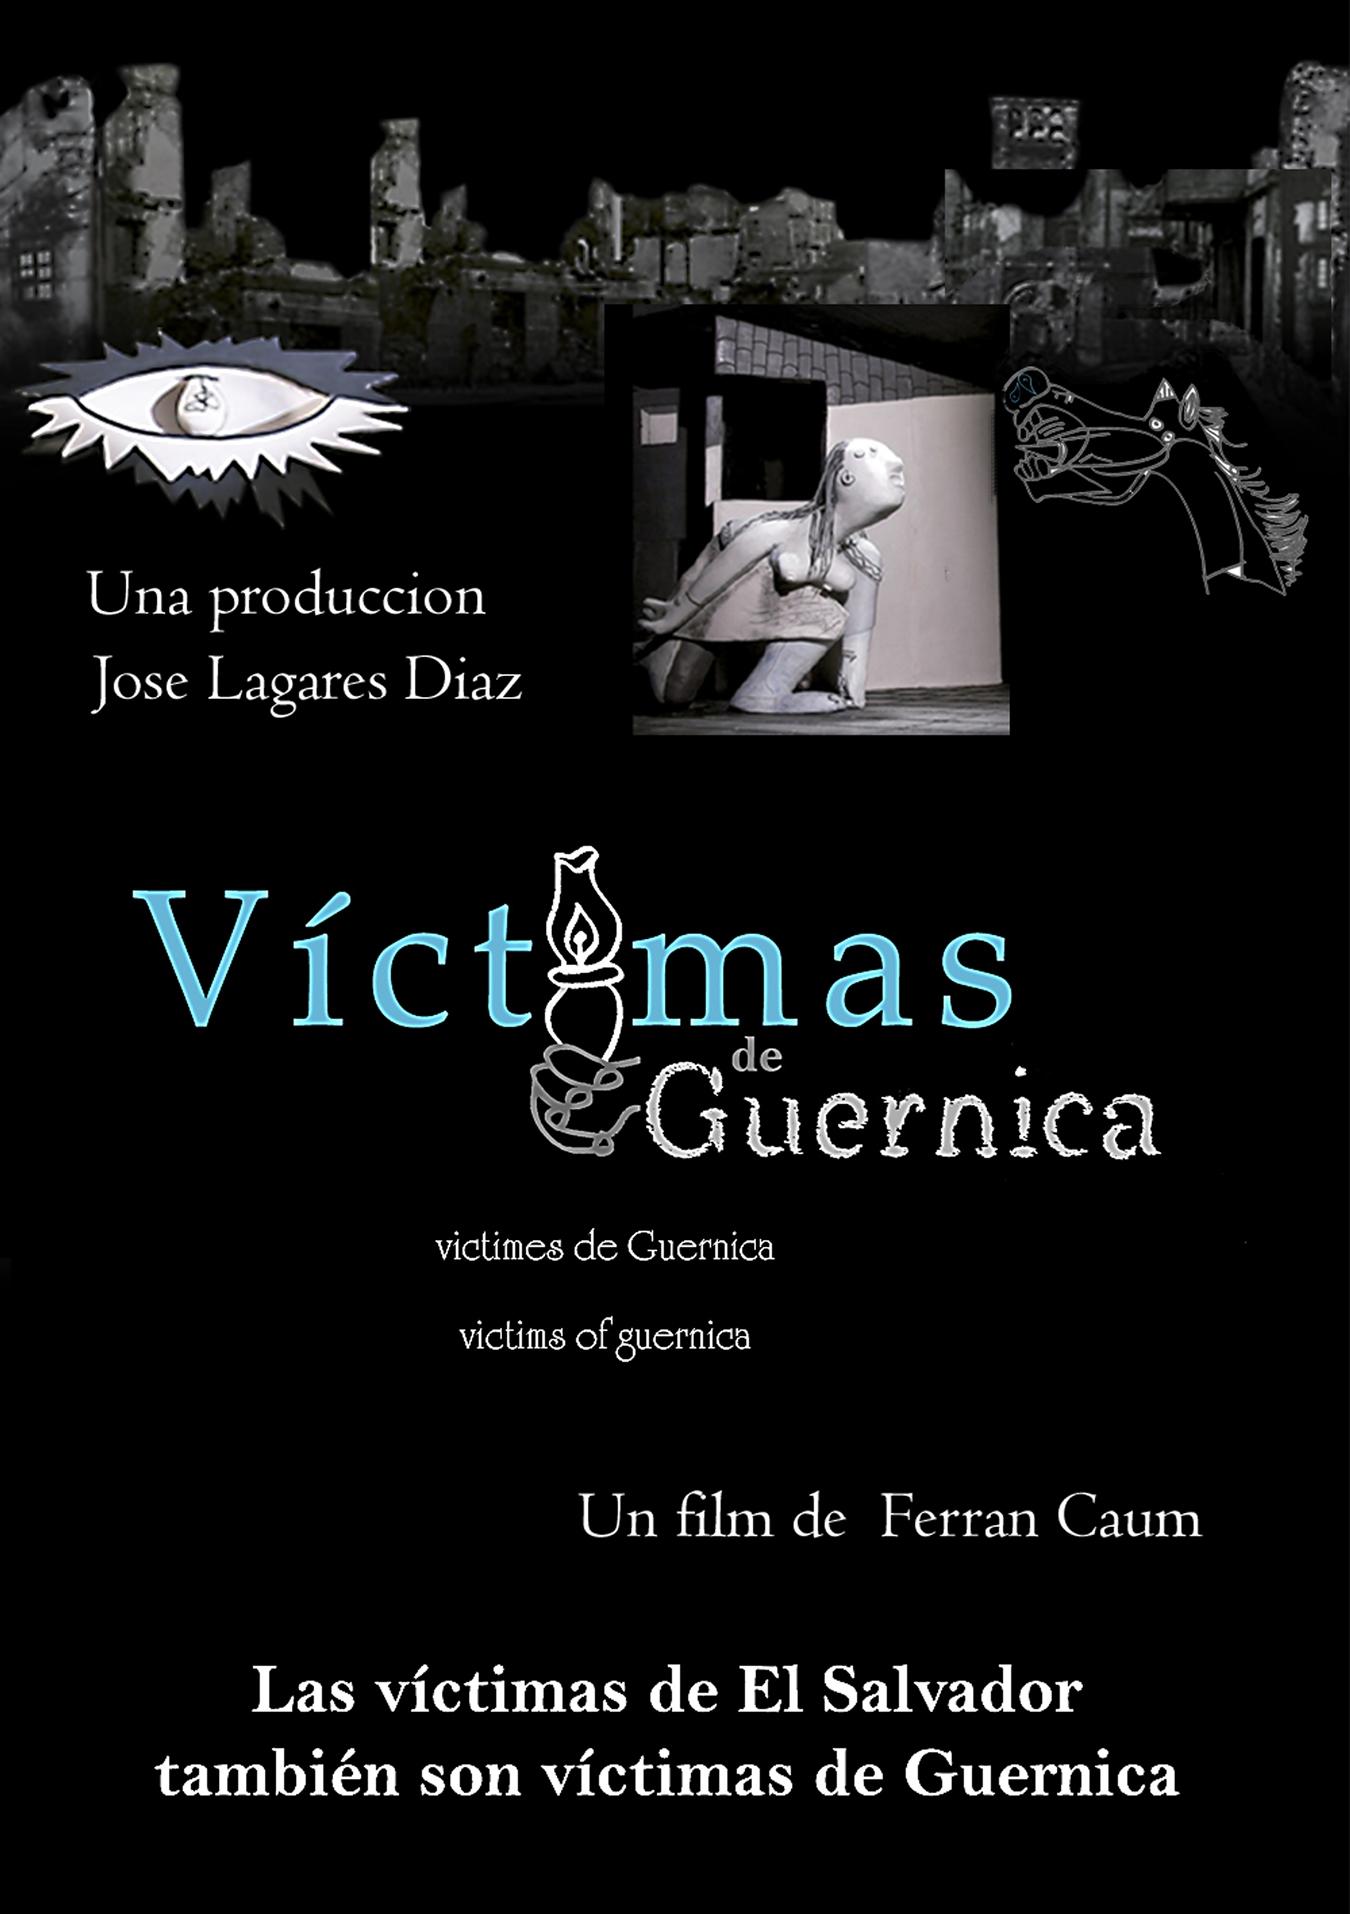 Víctimas de Guernica cartel R.jpg